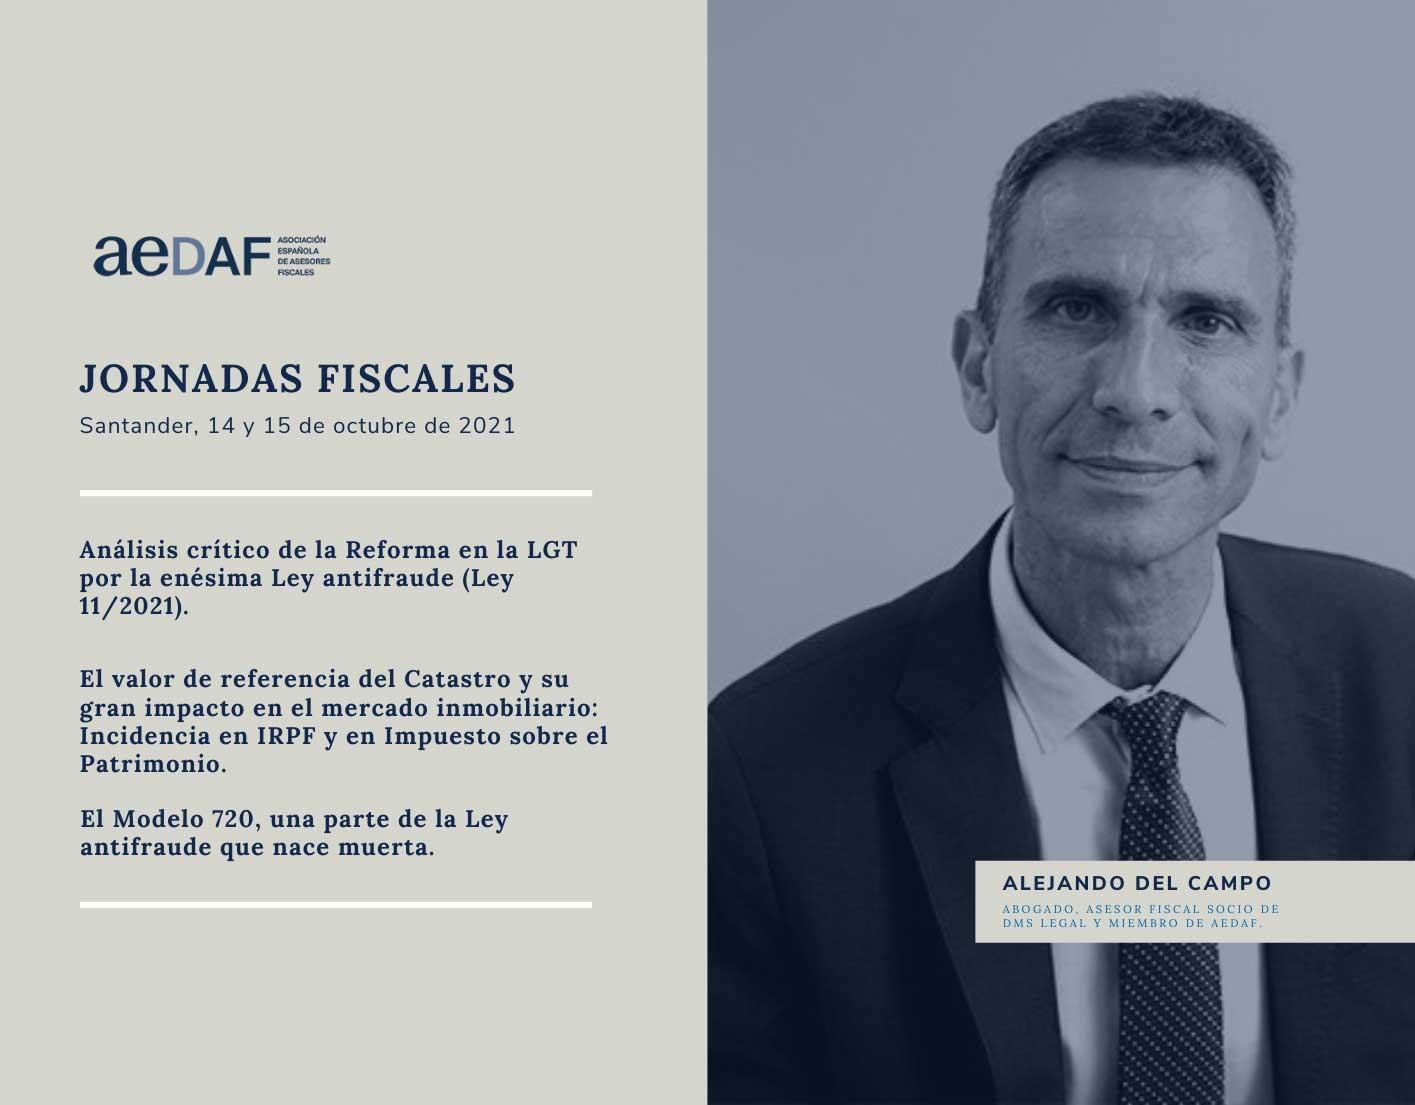 Ponencia de Alejandro del Campo en las Jornadas Fiscales AEDAF celebradas en Santander el 14 y 15 de octubre.